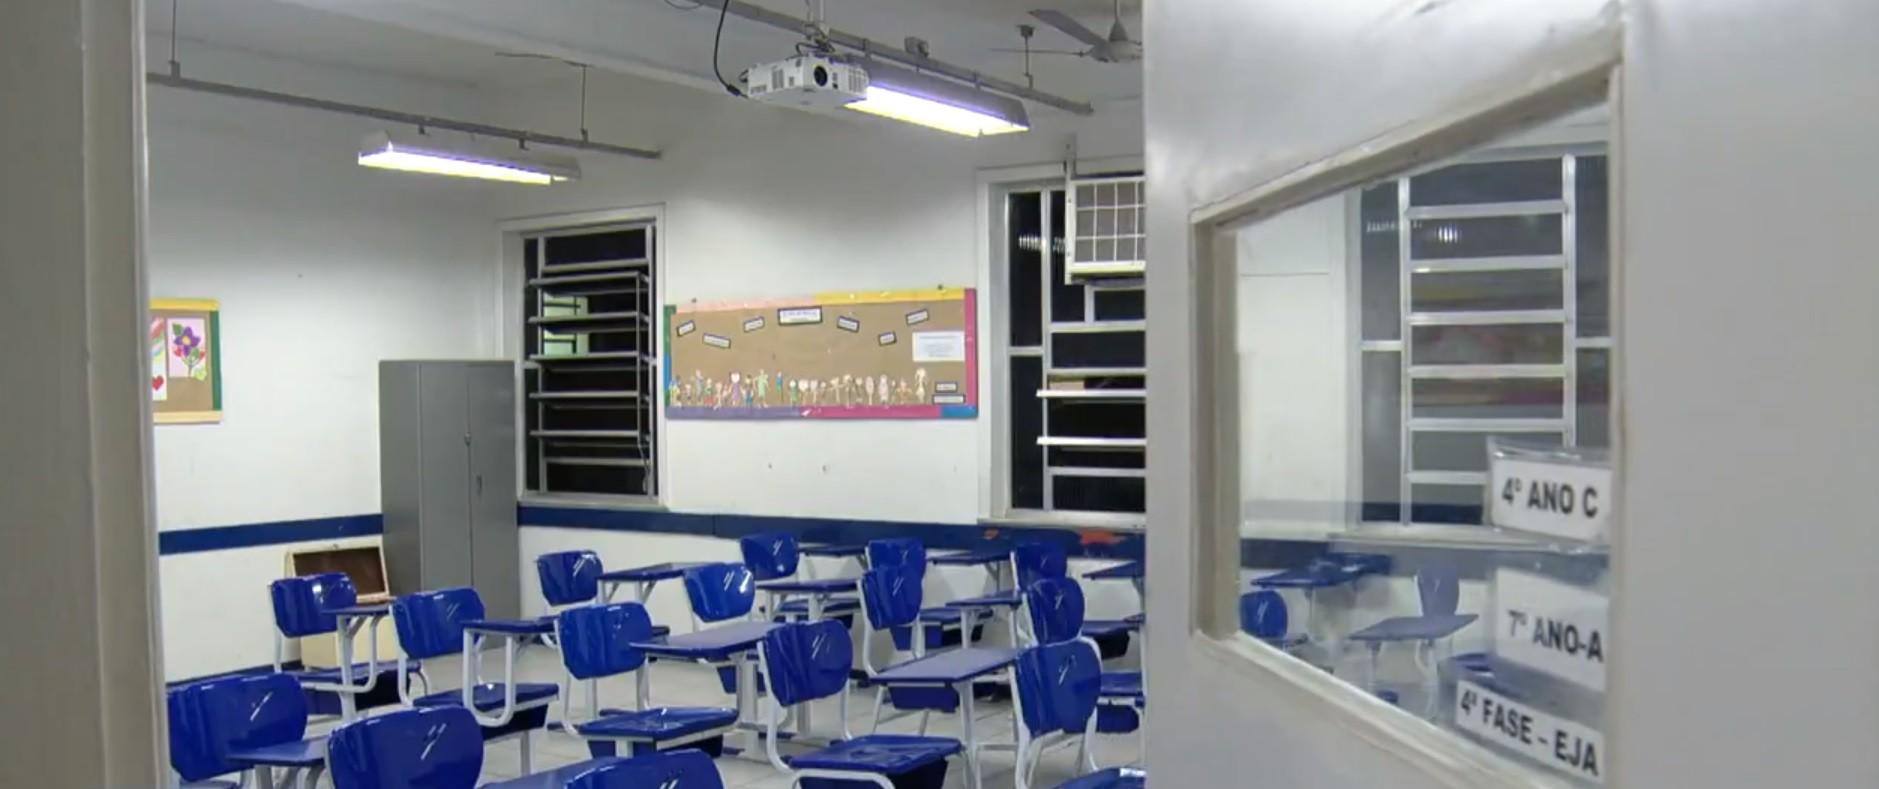 Volta às aulas presenciais em Minas: Saiba quais escolas podem retornar, os critérios e o que vale para BH a partir desta segunda